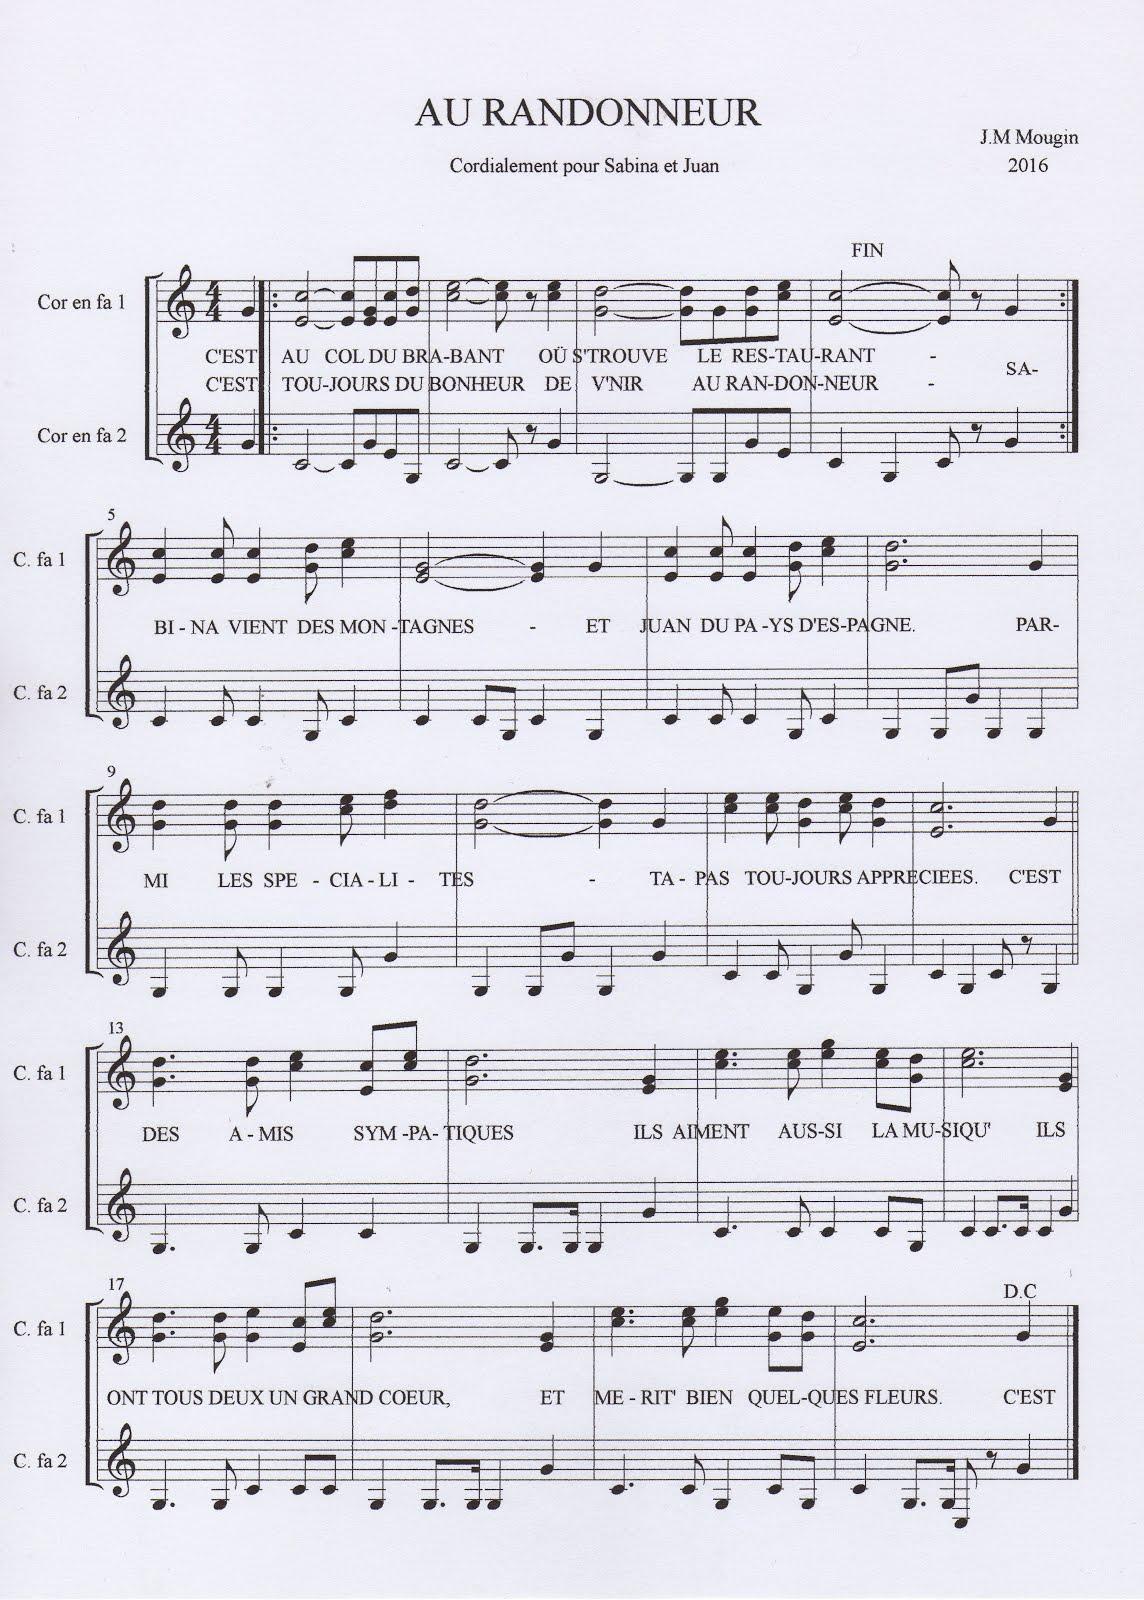 La chanson du Randonneur